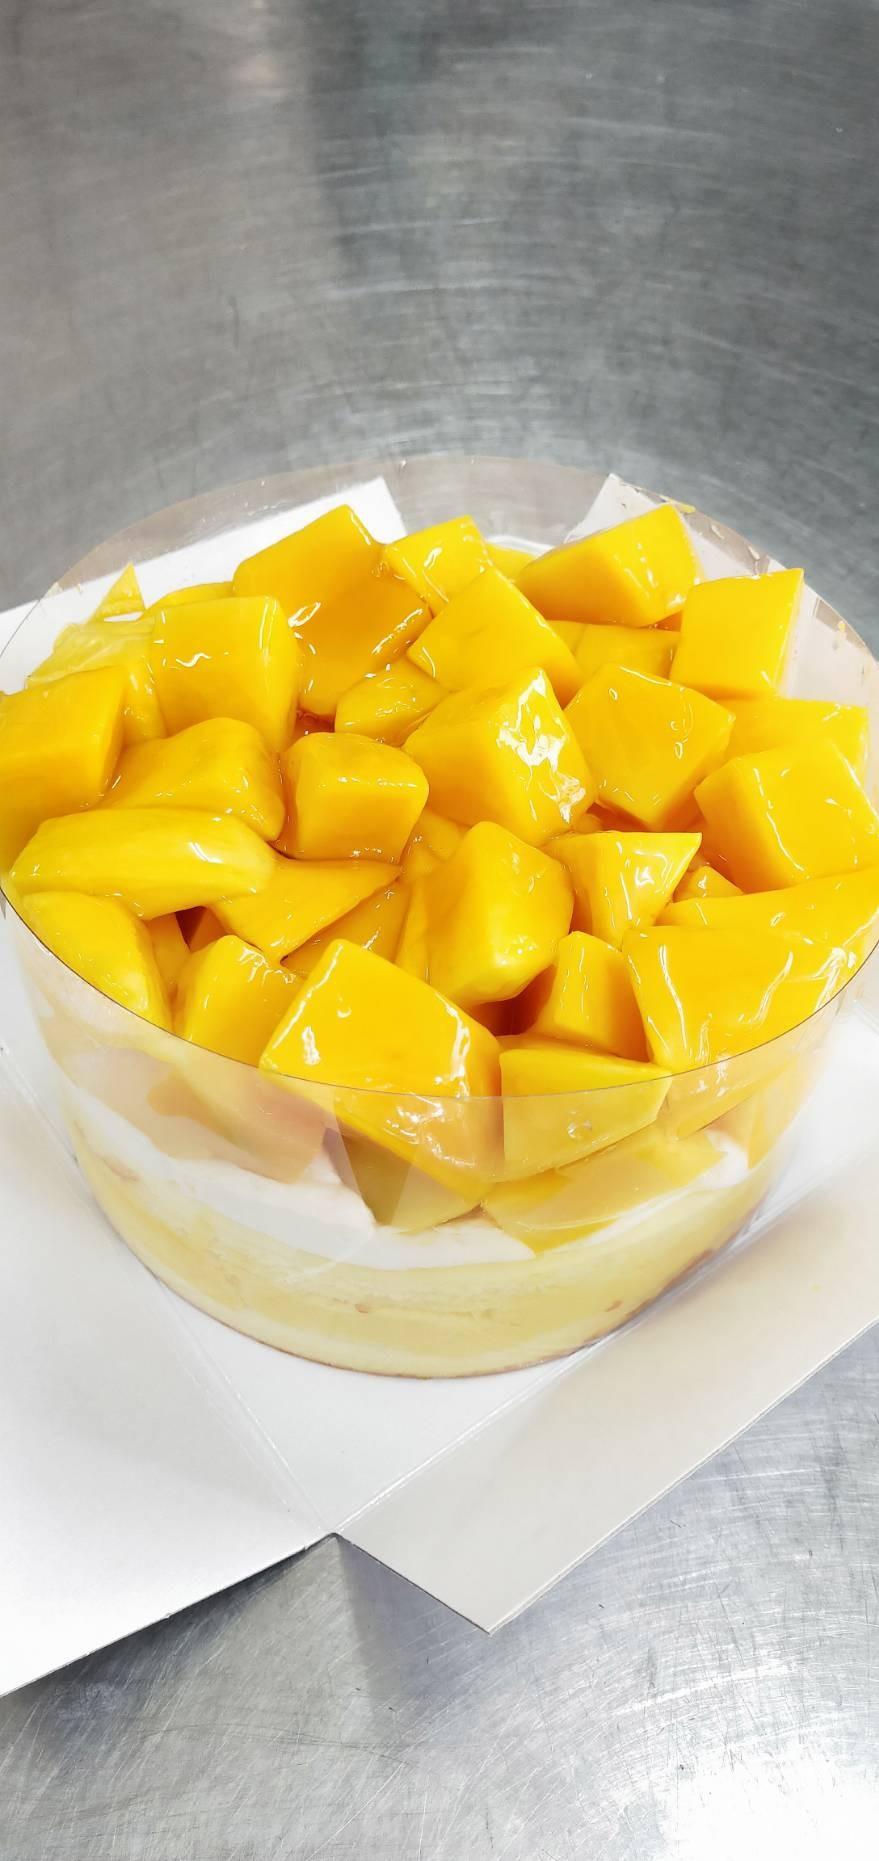 7吋新鮮芒果爆多蛋糕(圓型)